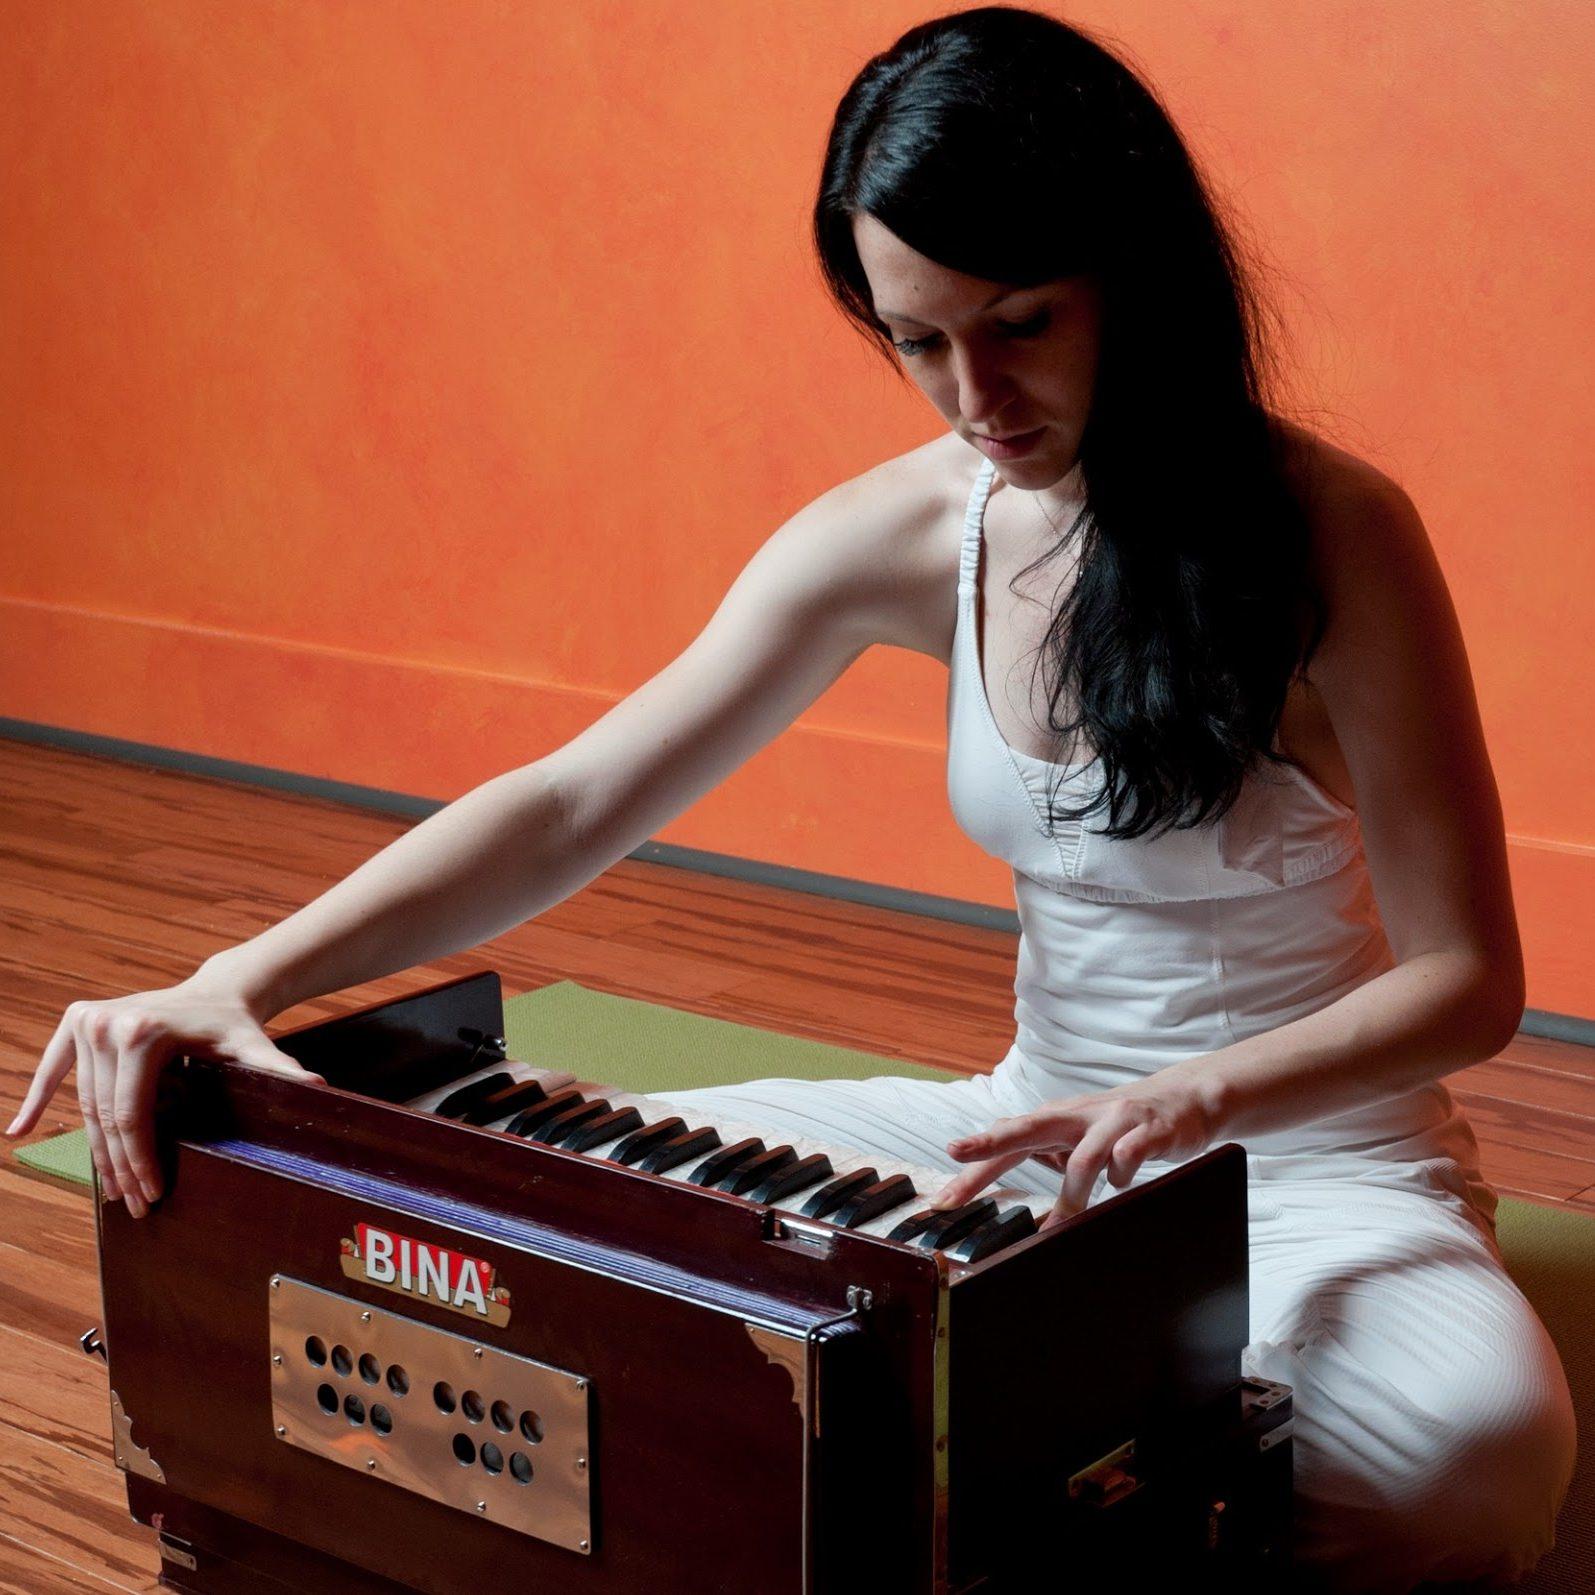 tai playing harmonium